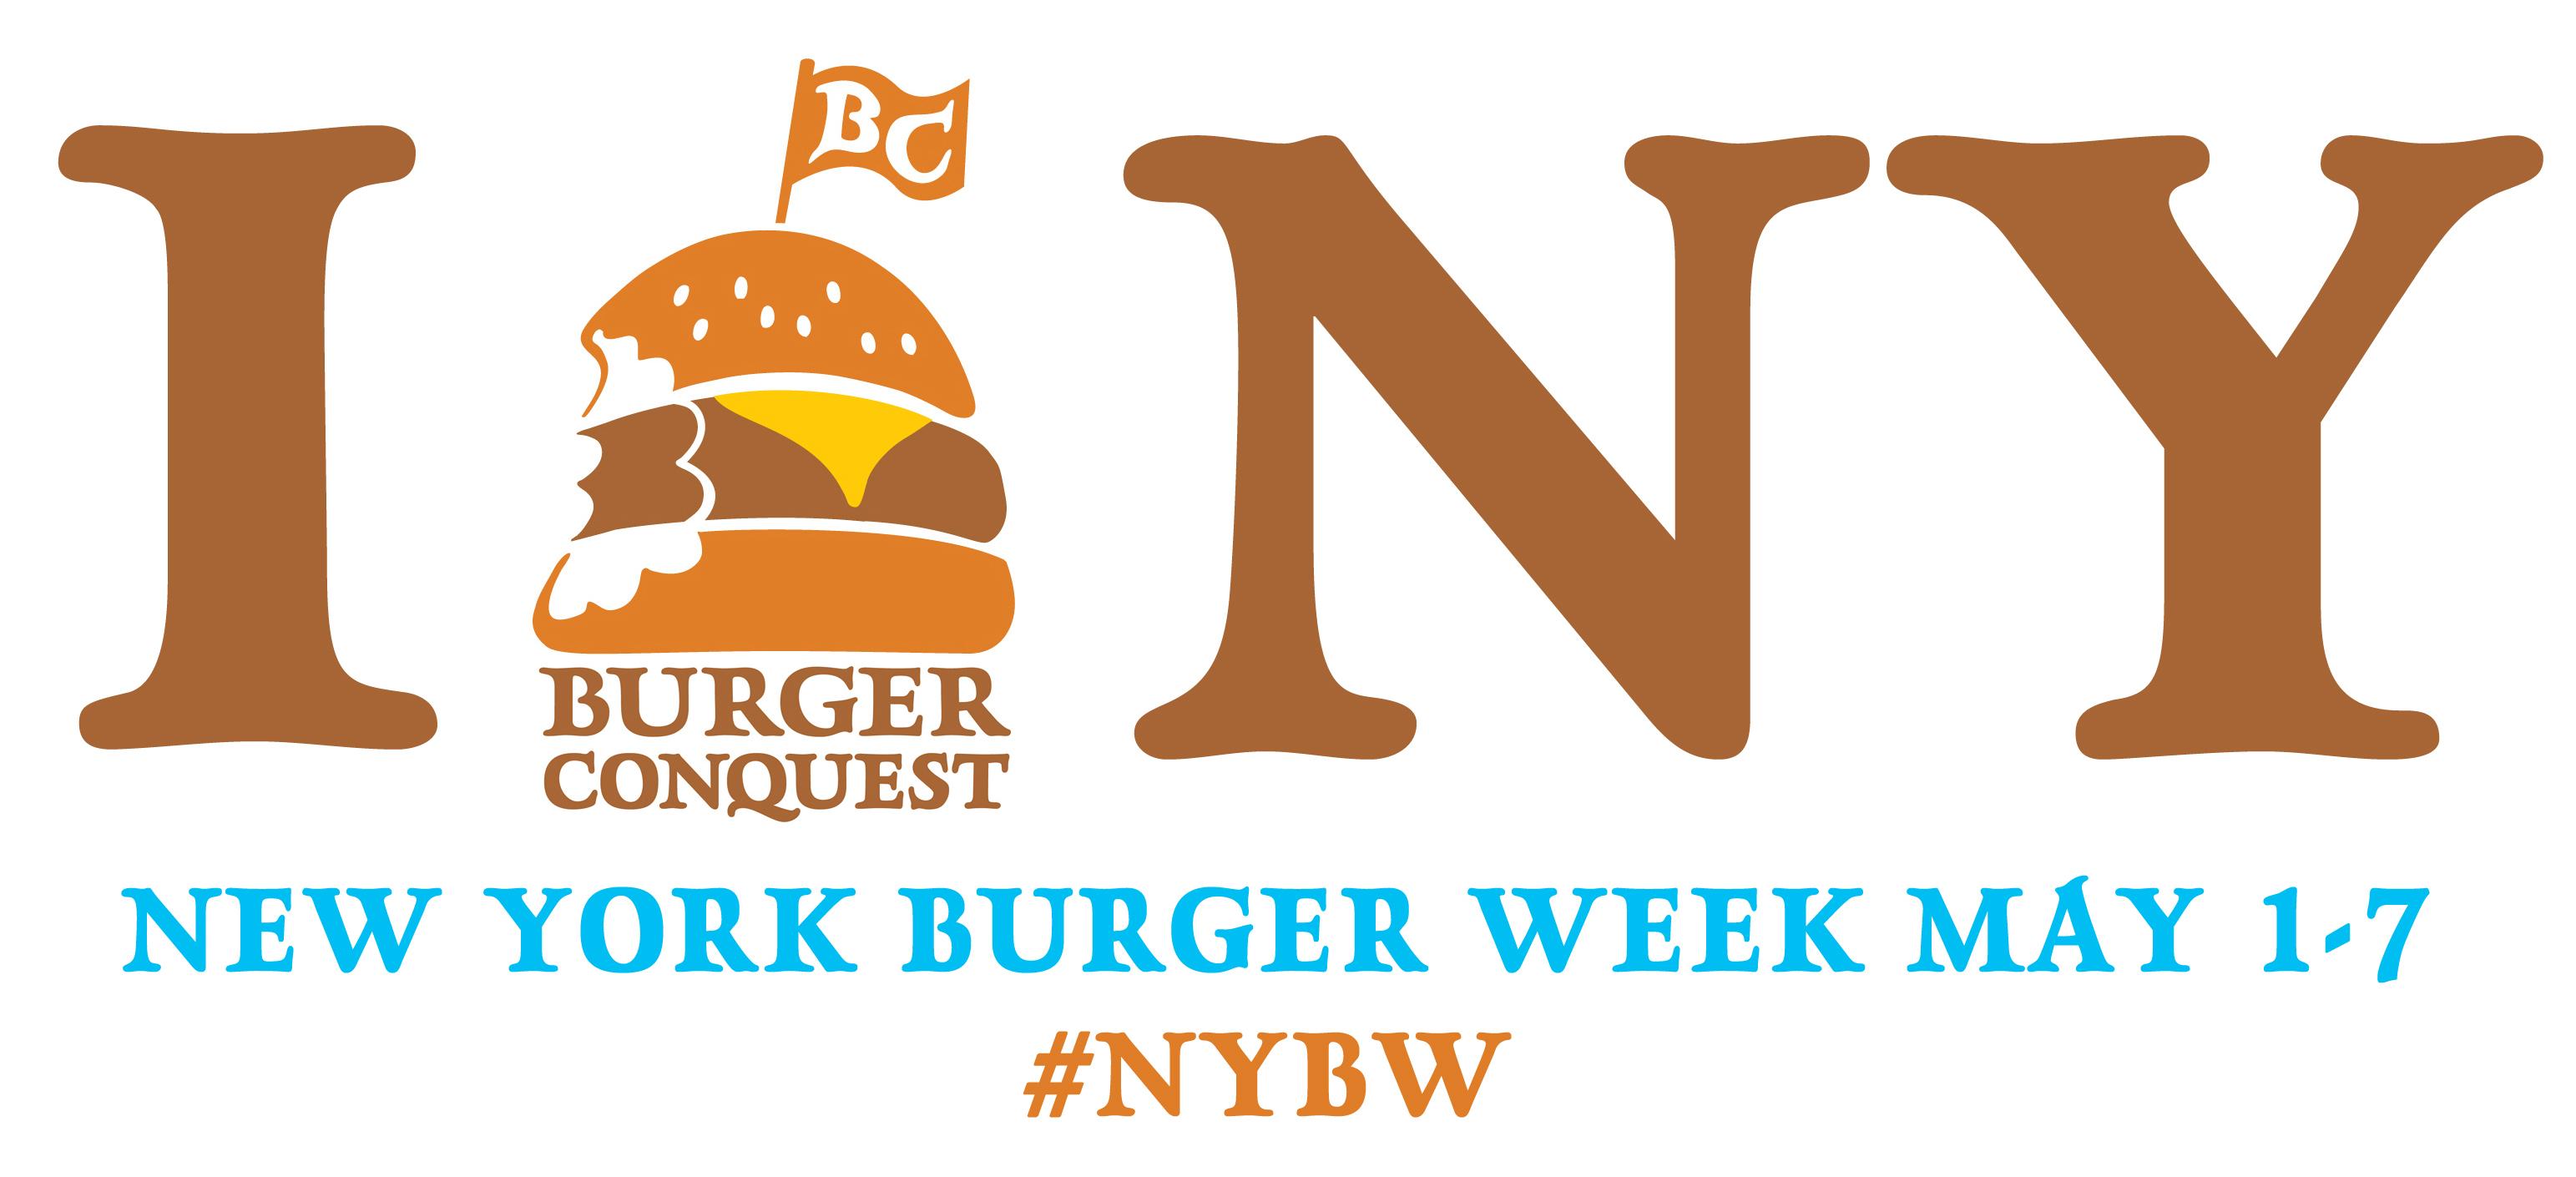 I BURGER NY HORIZONTAL RECTANGLE NYBW_ Final_Hashtag_2013